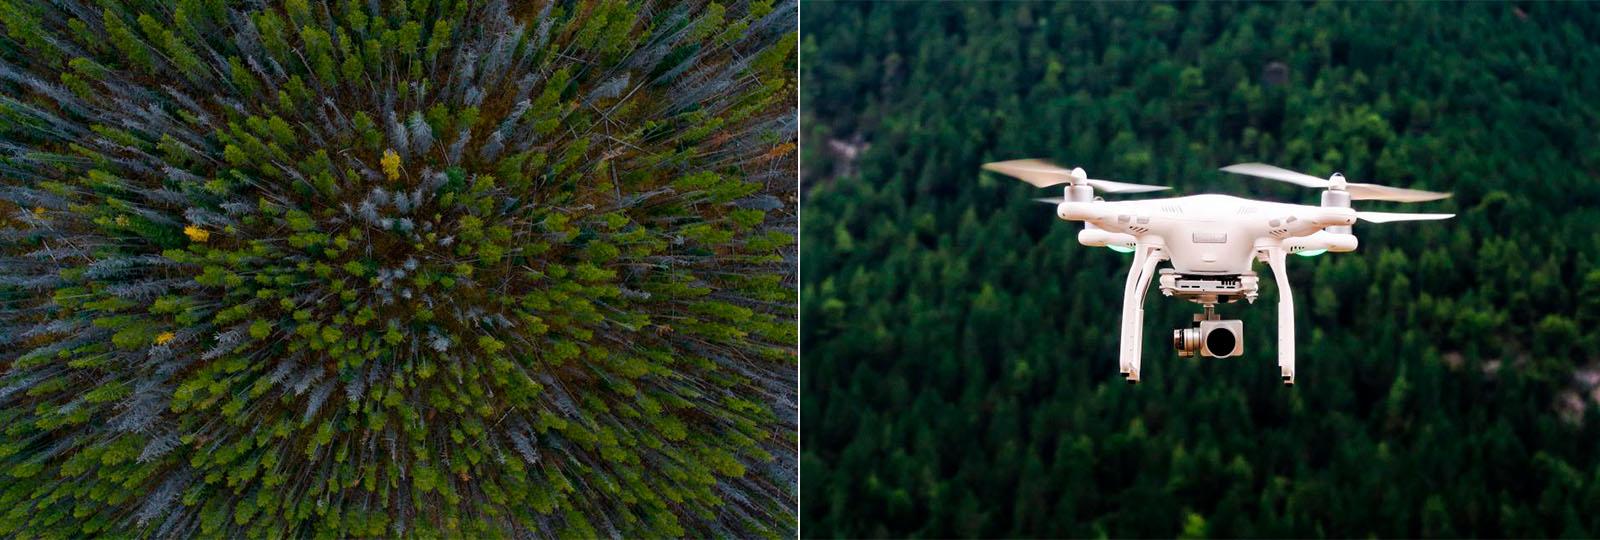 Concurso de vídeos feitos com drones mostram as maravilhas do mundo como você nunca viu